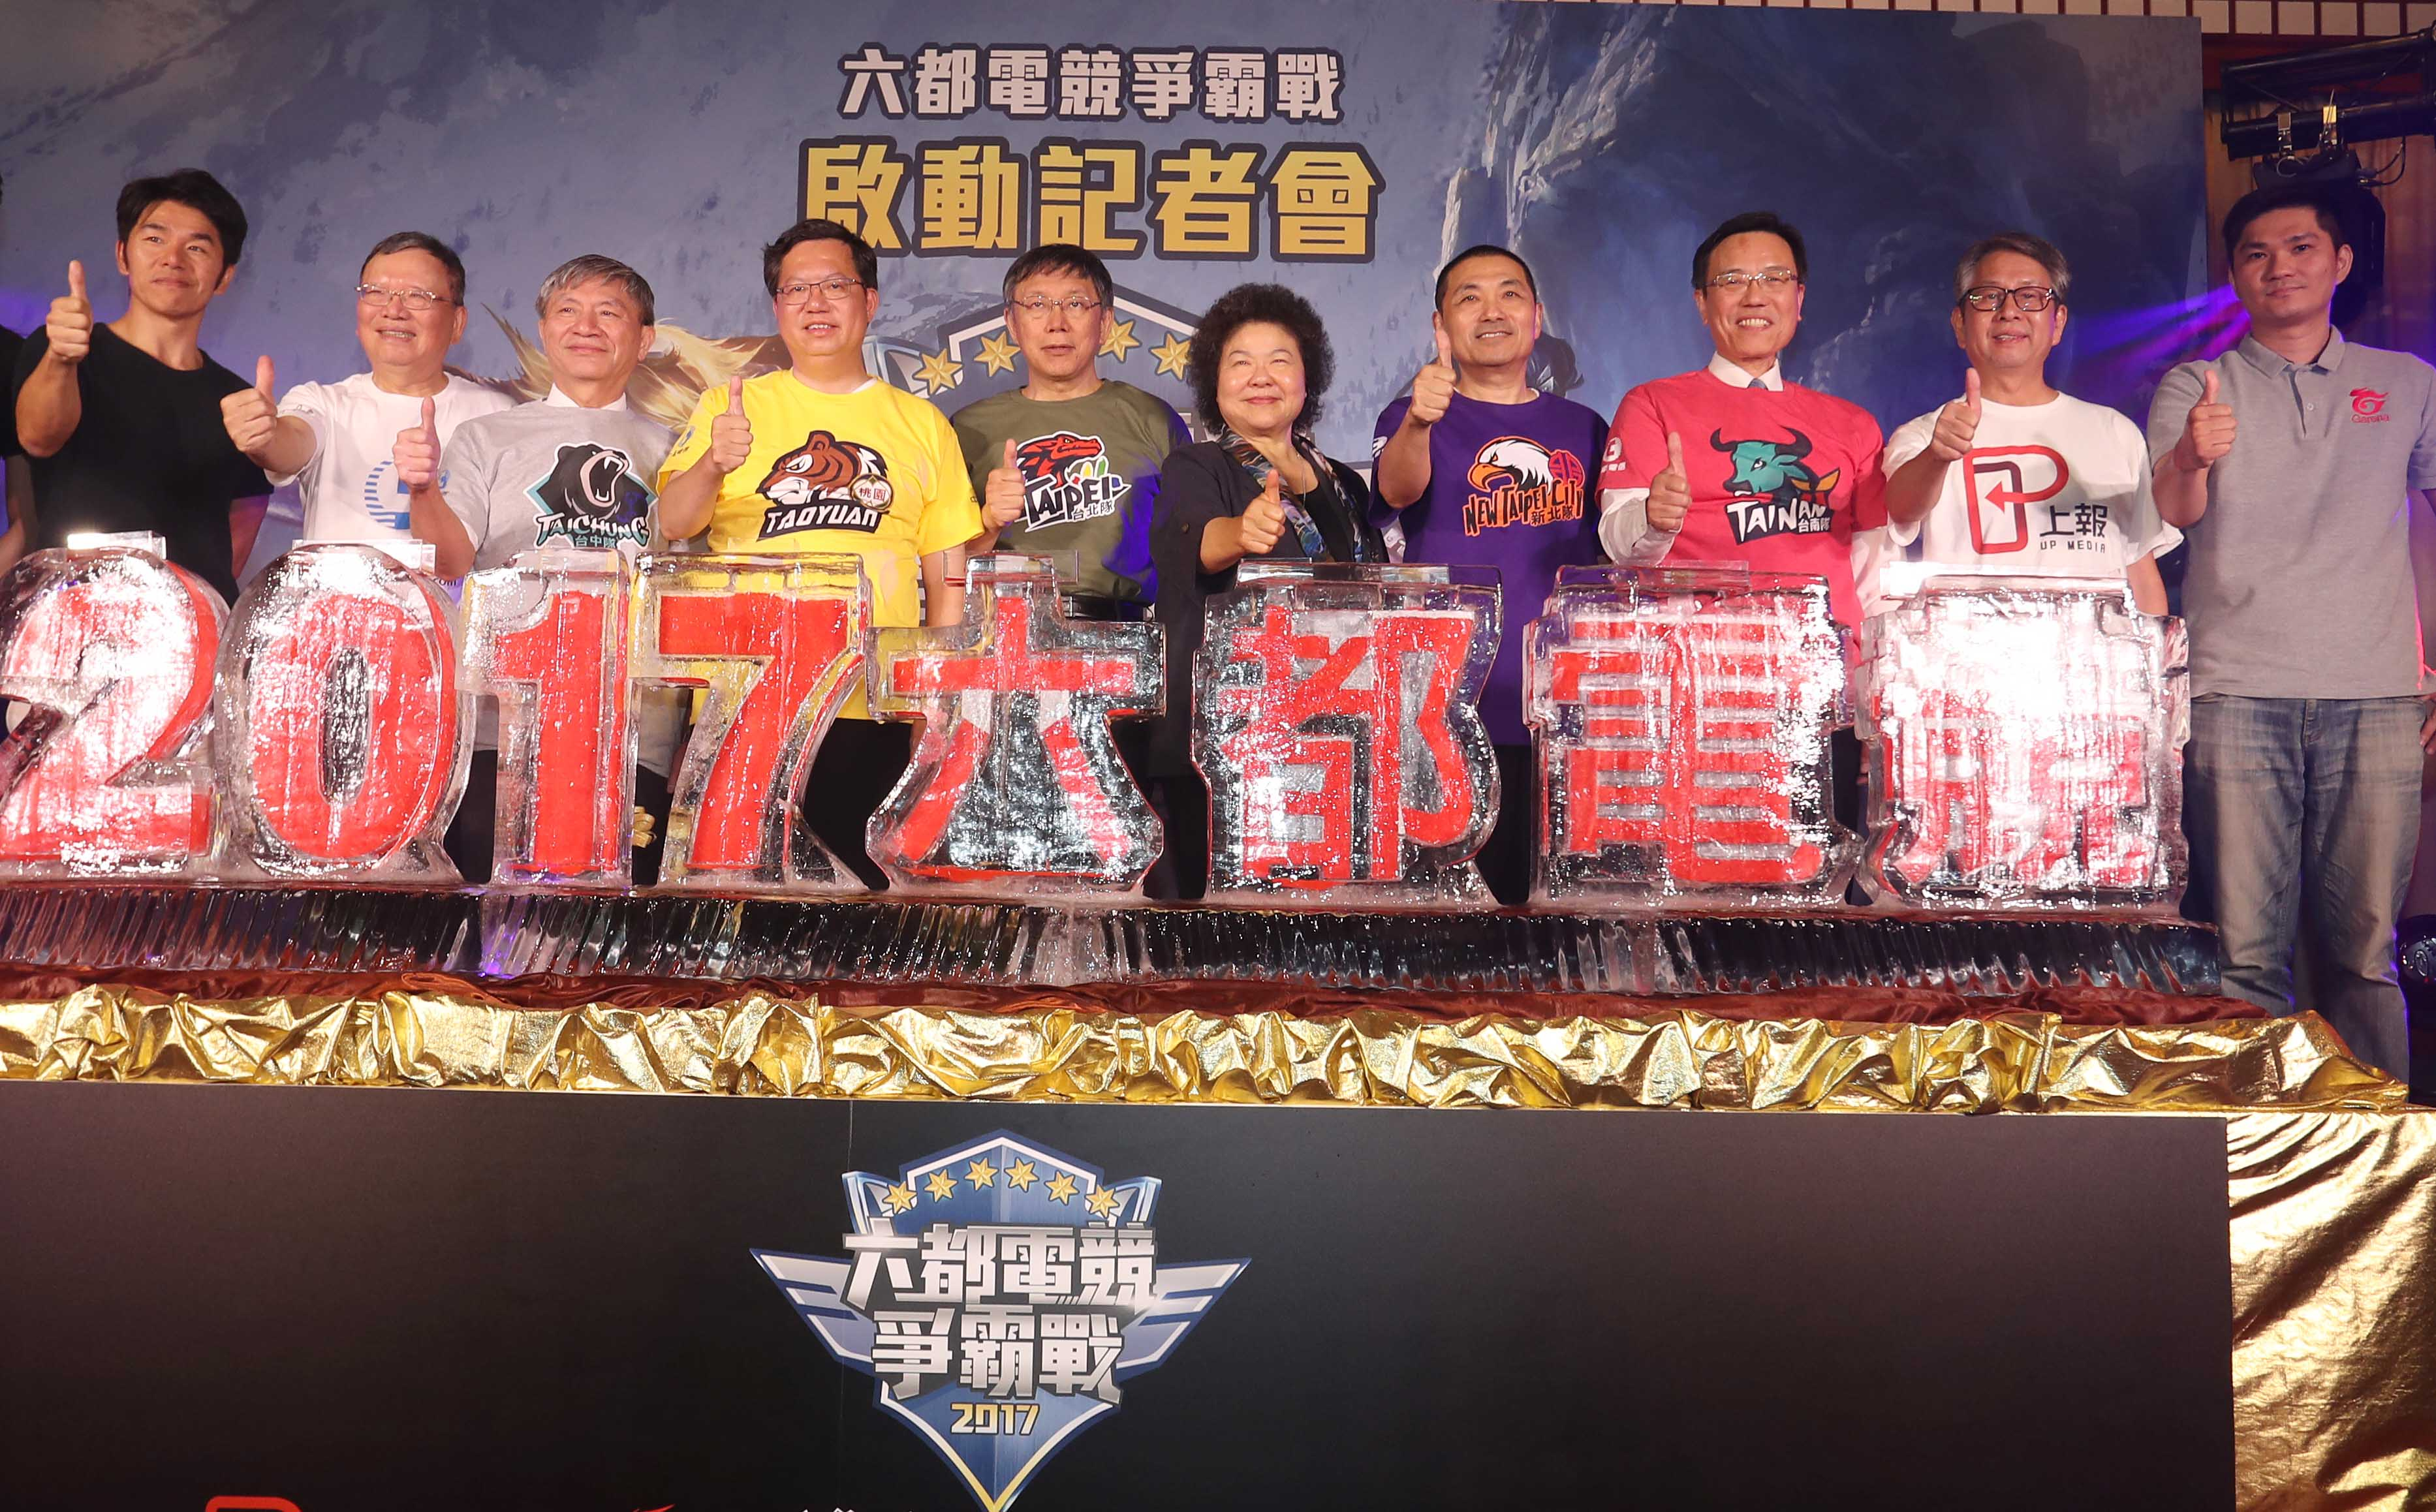 中華電挺電競 贊助逾千萬元